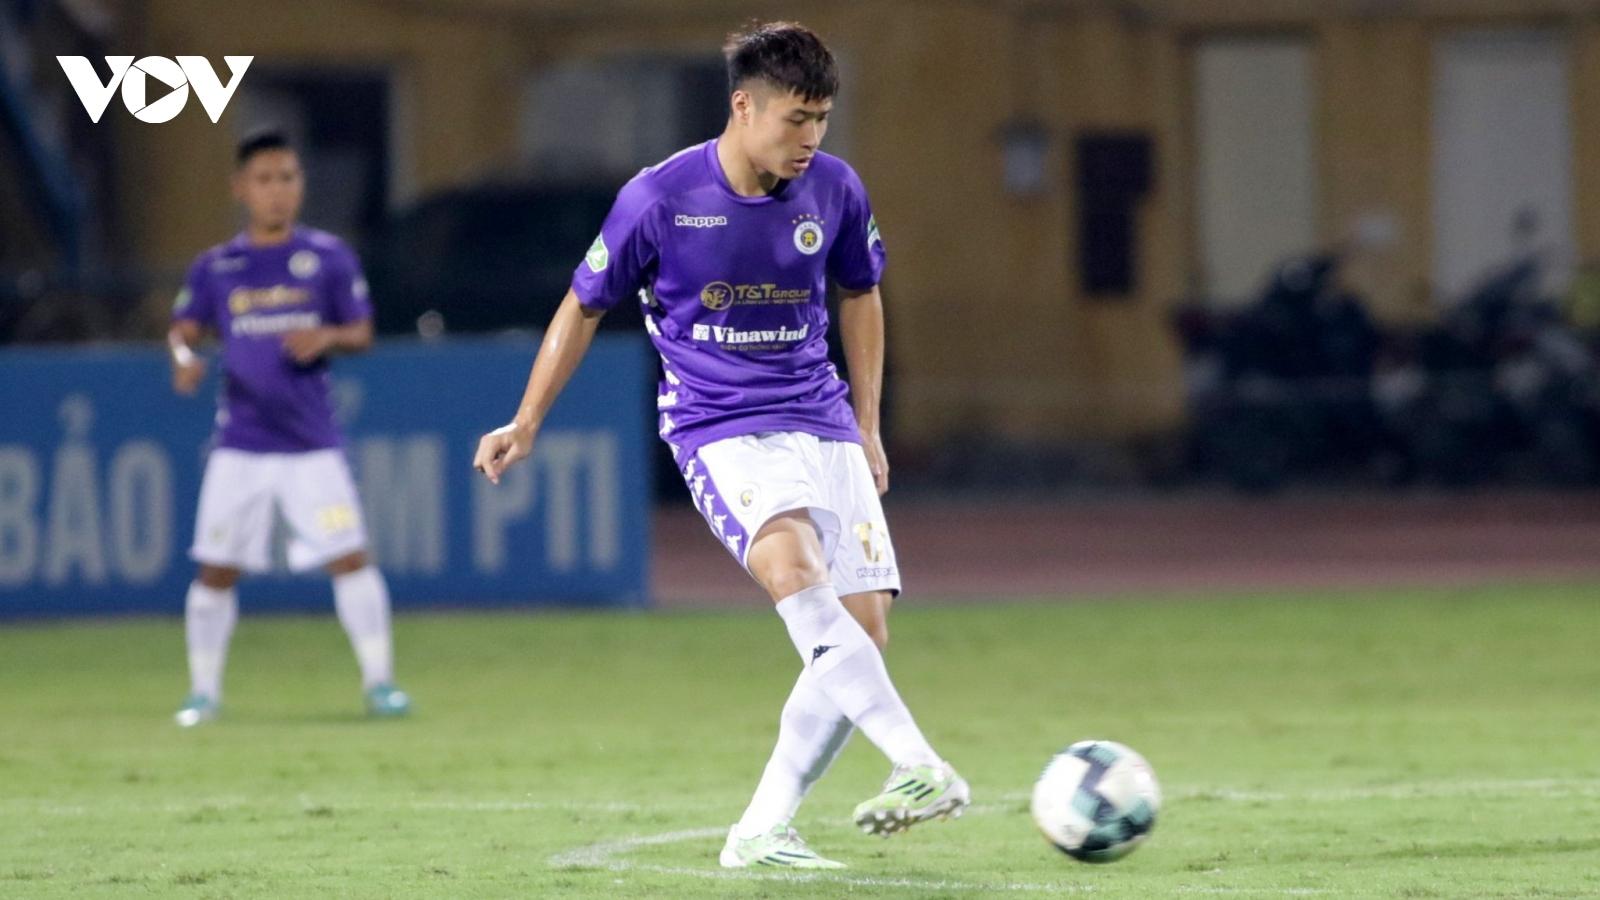 """Sao mai Đặng Văn Tới của Hà Nội FC """"thần tượng"""" Đình Trọng, thận trọng trước Quảng Nam"""